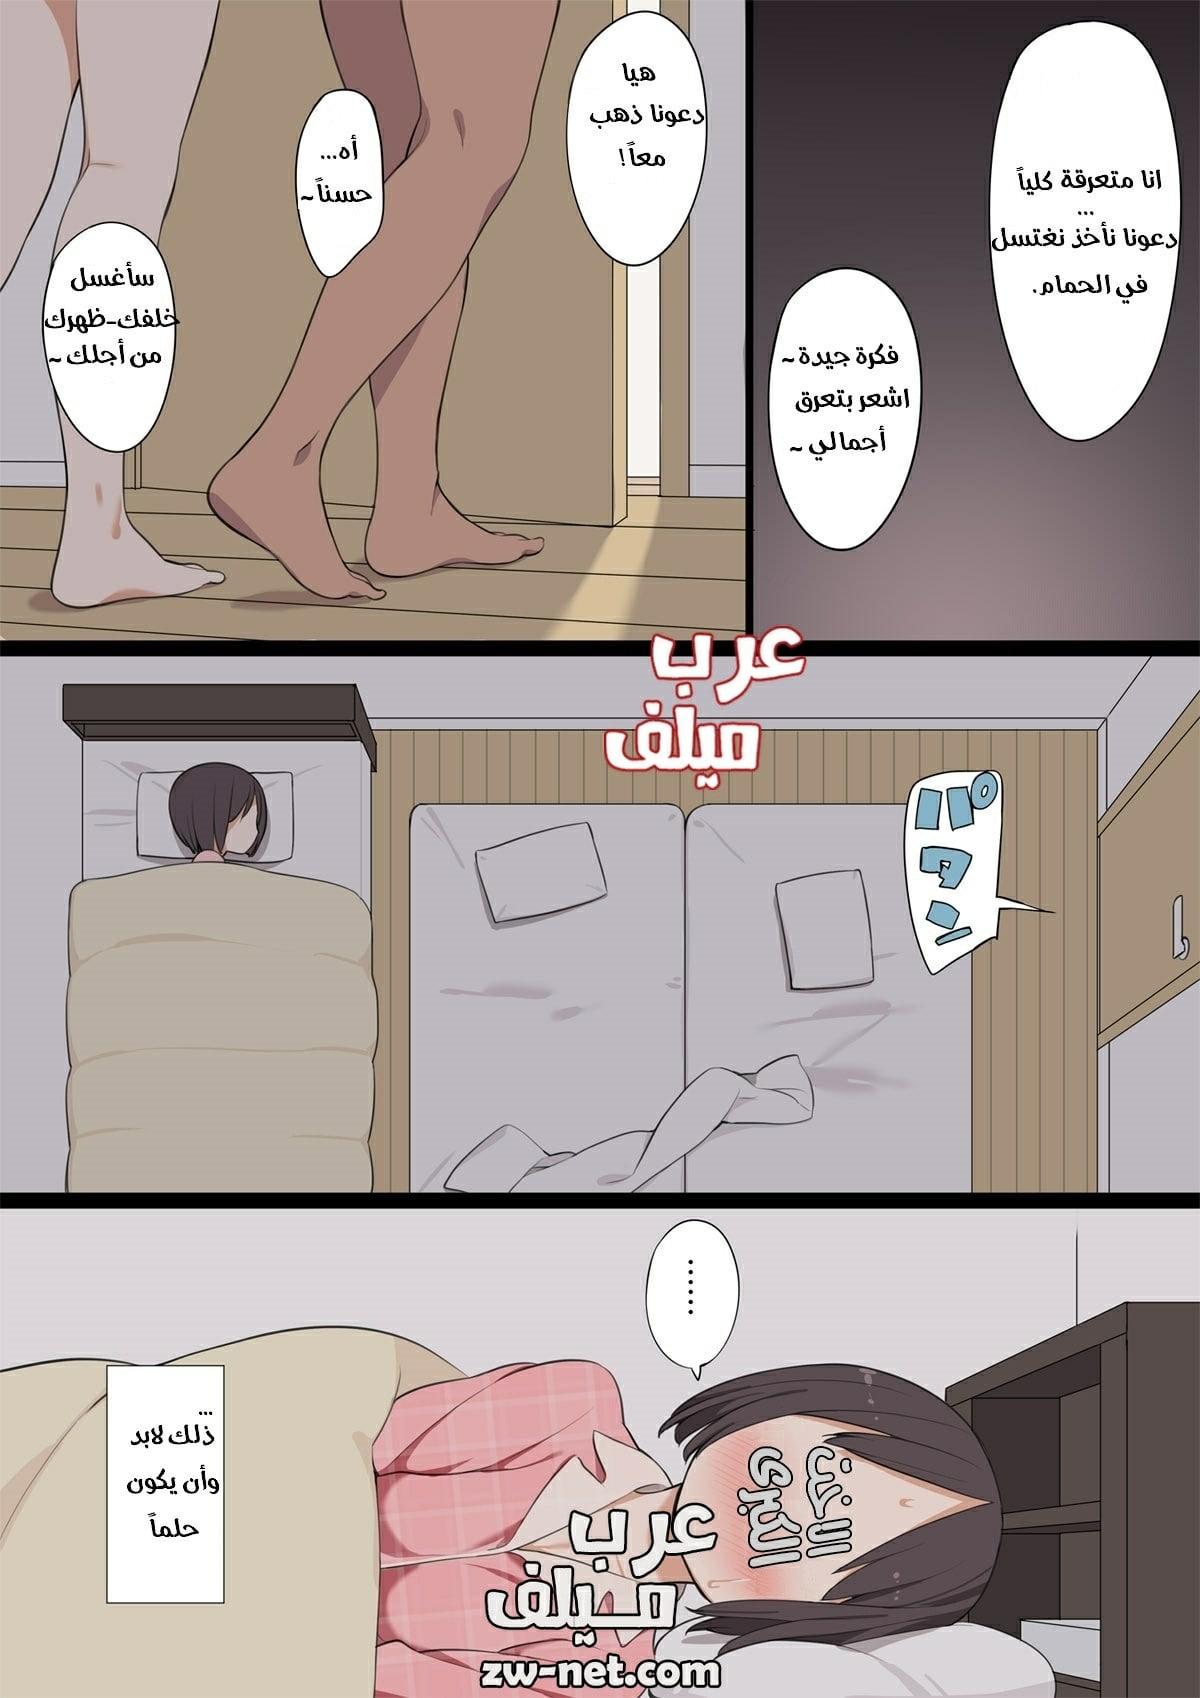 قصص نيك جديدة مصورة مترجمة عربي